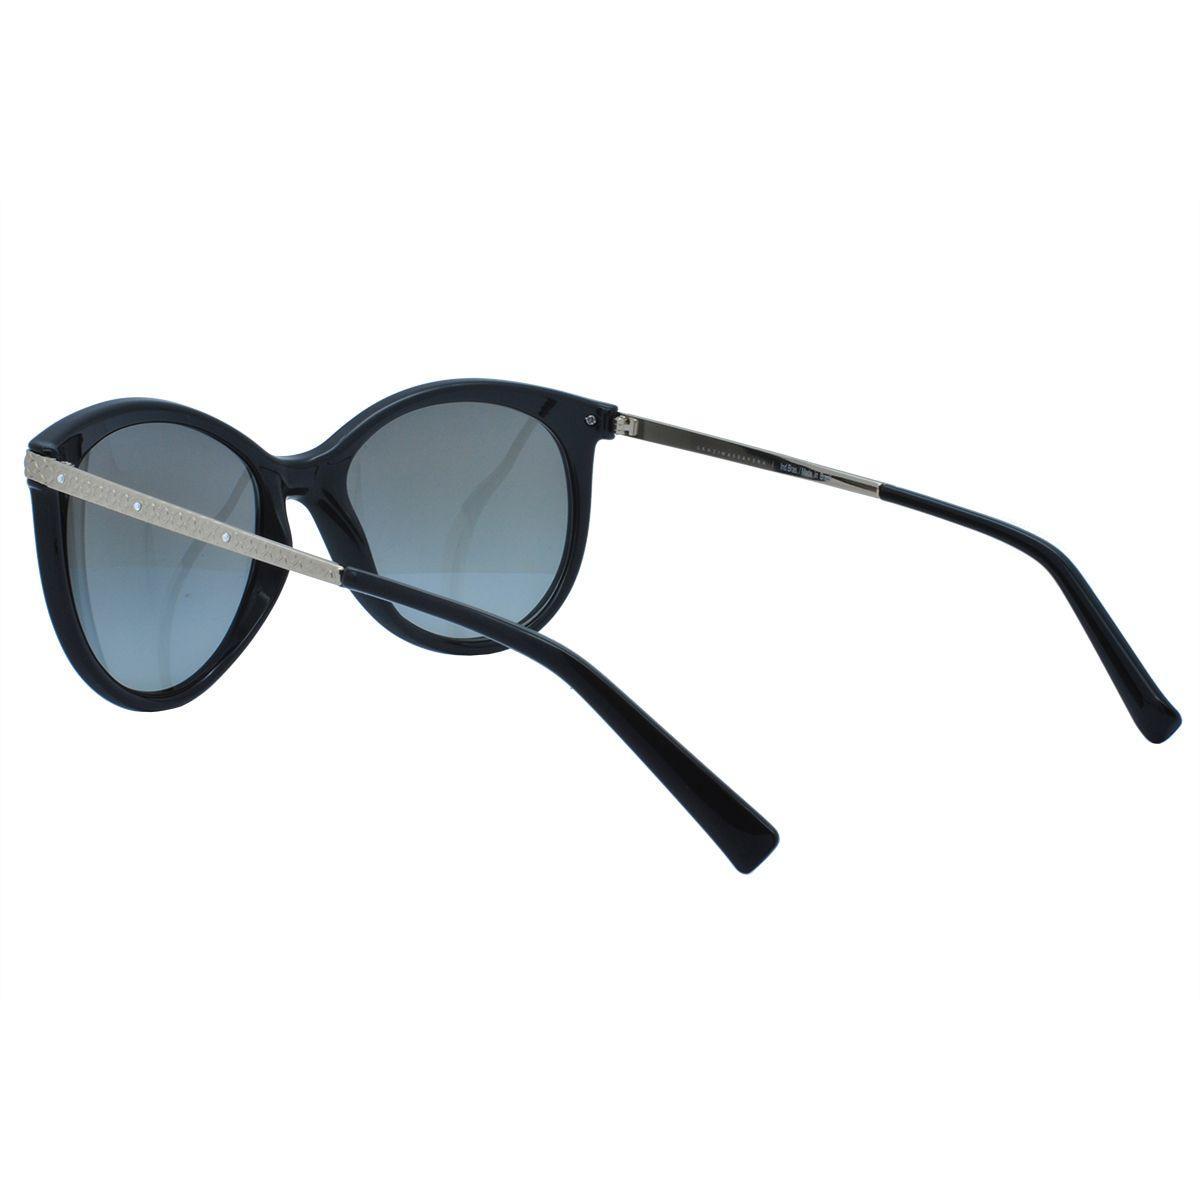 7bc3196c308de Óculos de Sol Grazi Feminino GZ4018B E431- Acetato Preto, Metal Dourado e Lente  Cinza - Grazi massafera R  306,00 à vista. Adicionar à sacola